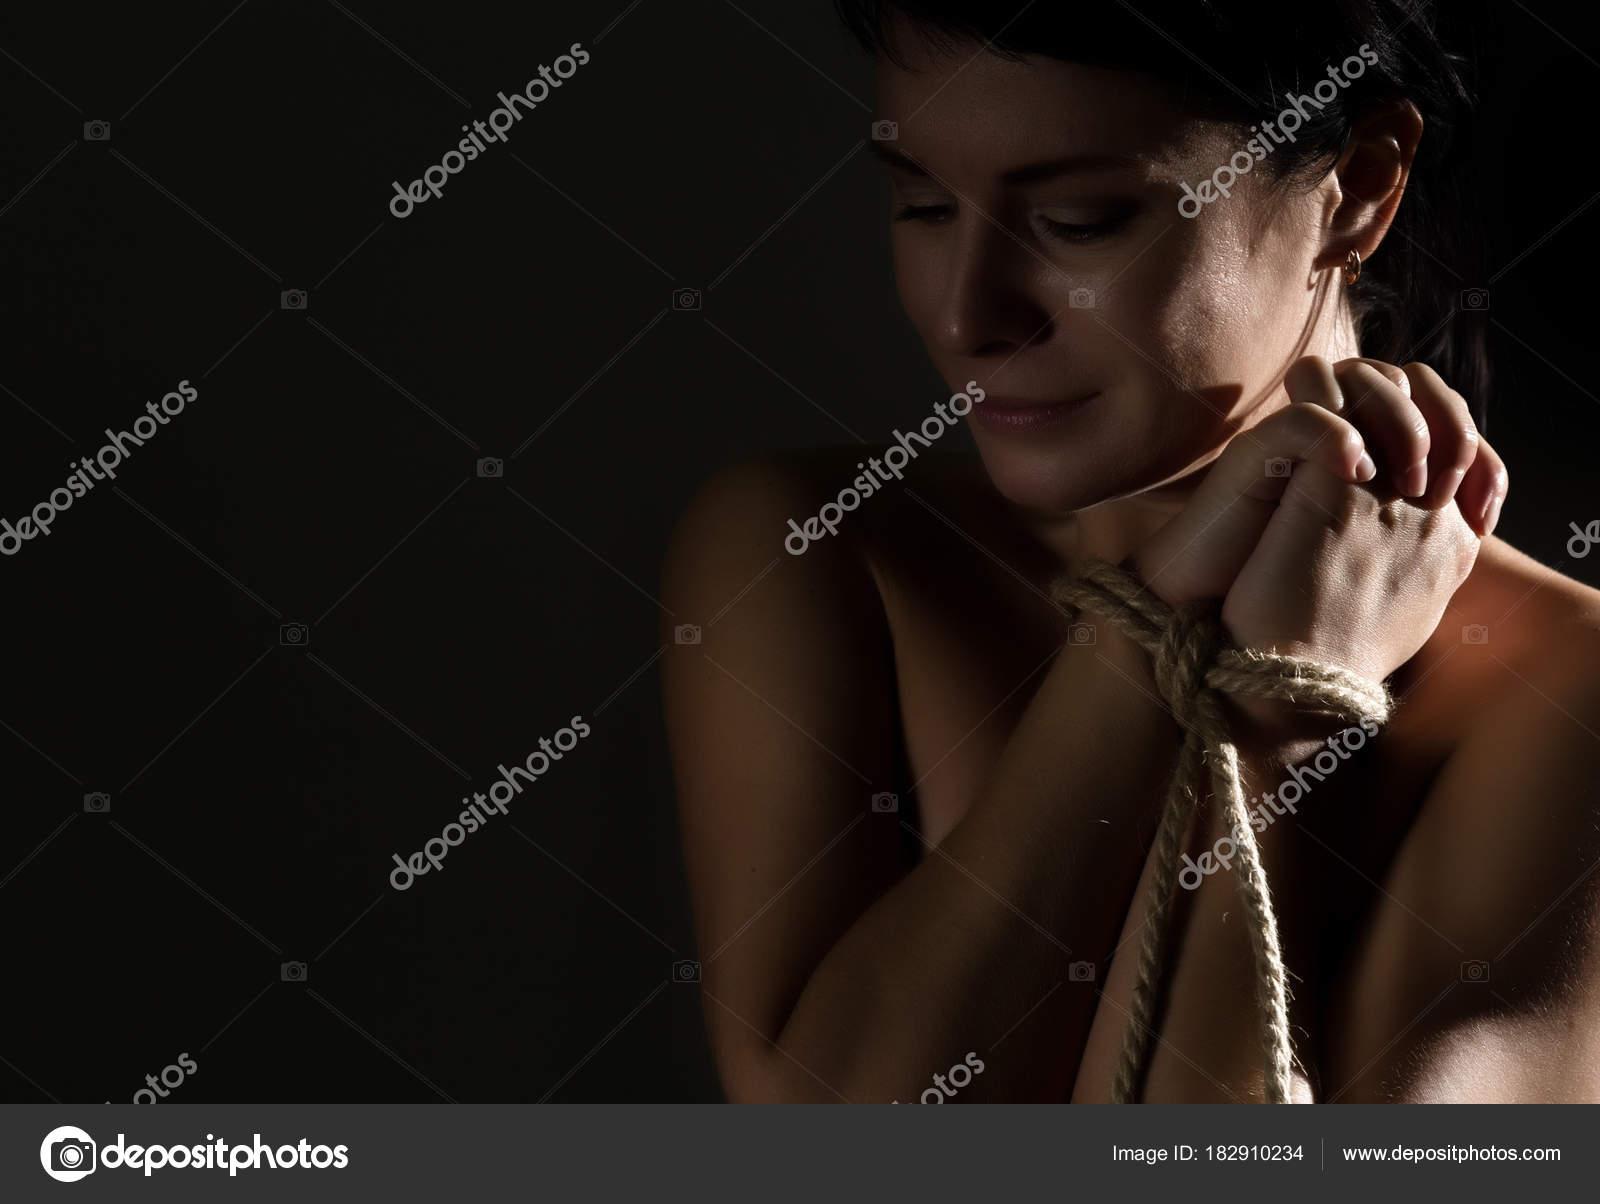 junge frau nackt gefesselt